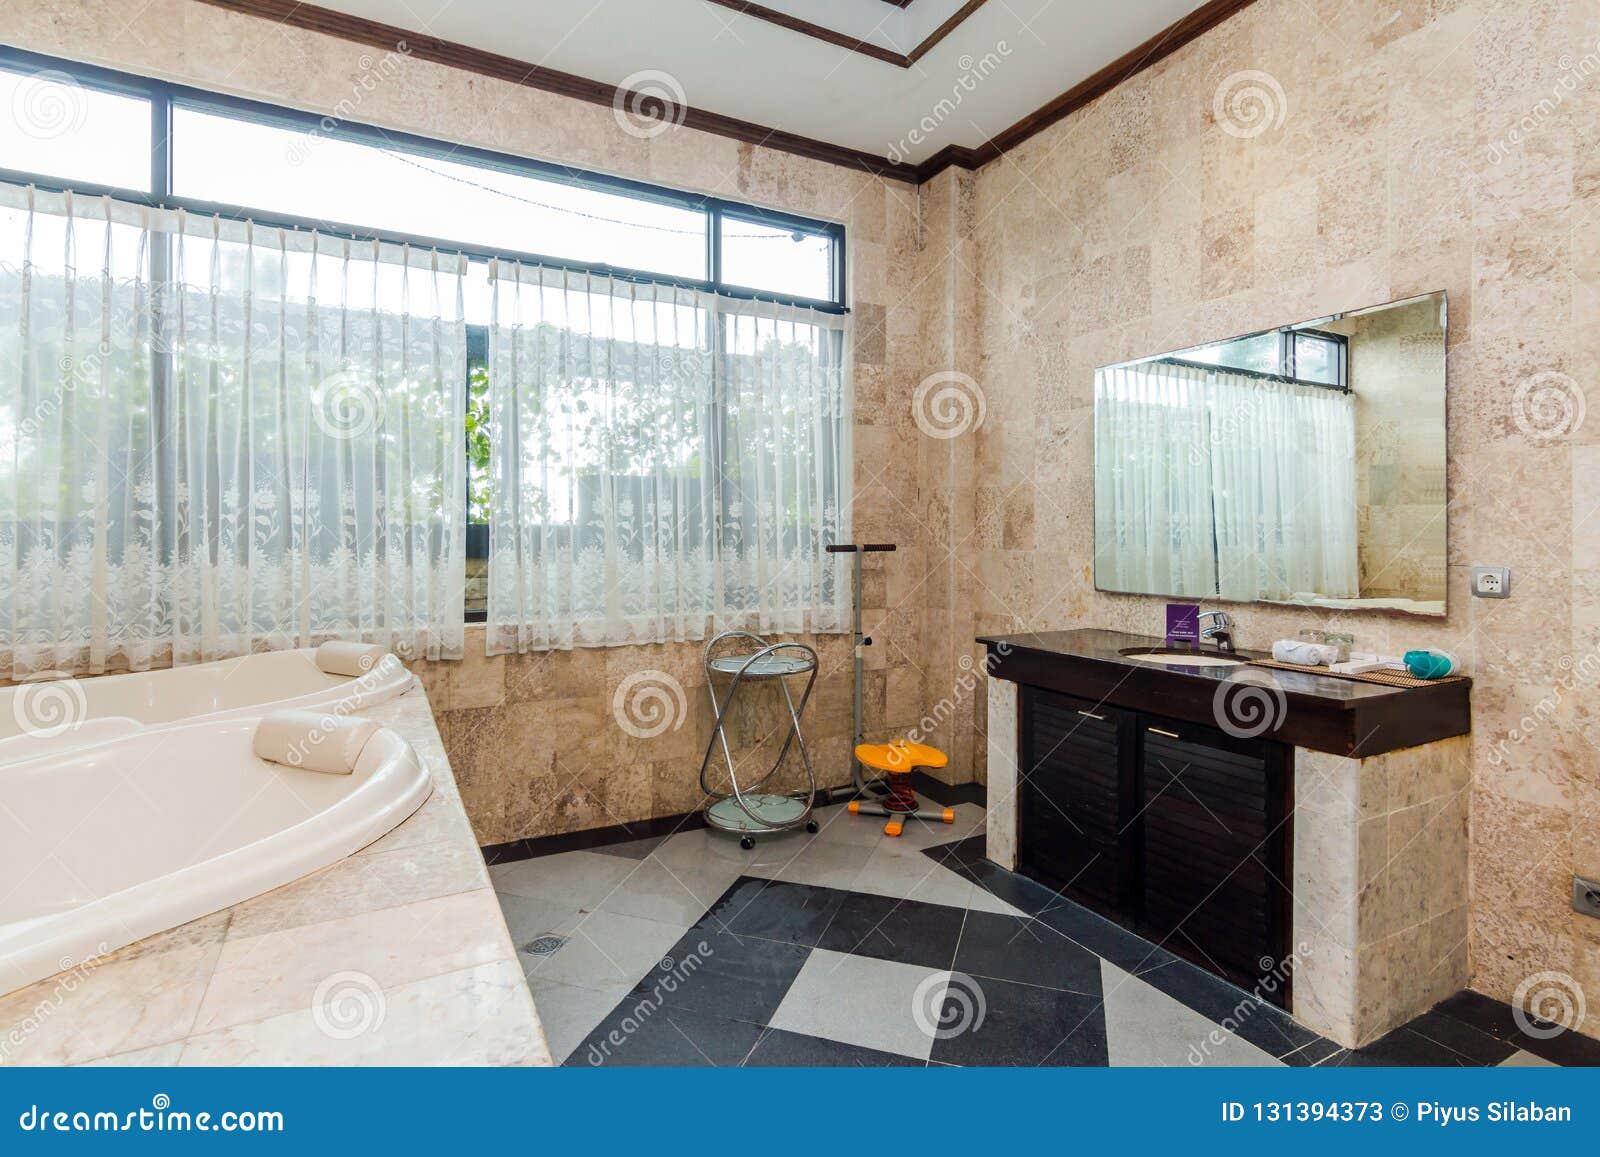 Cuarto De Baño Limpio Y Barato Del Hotel Imagen de archivo ...